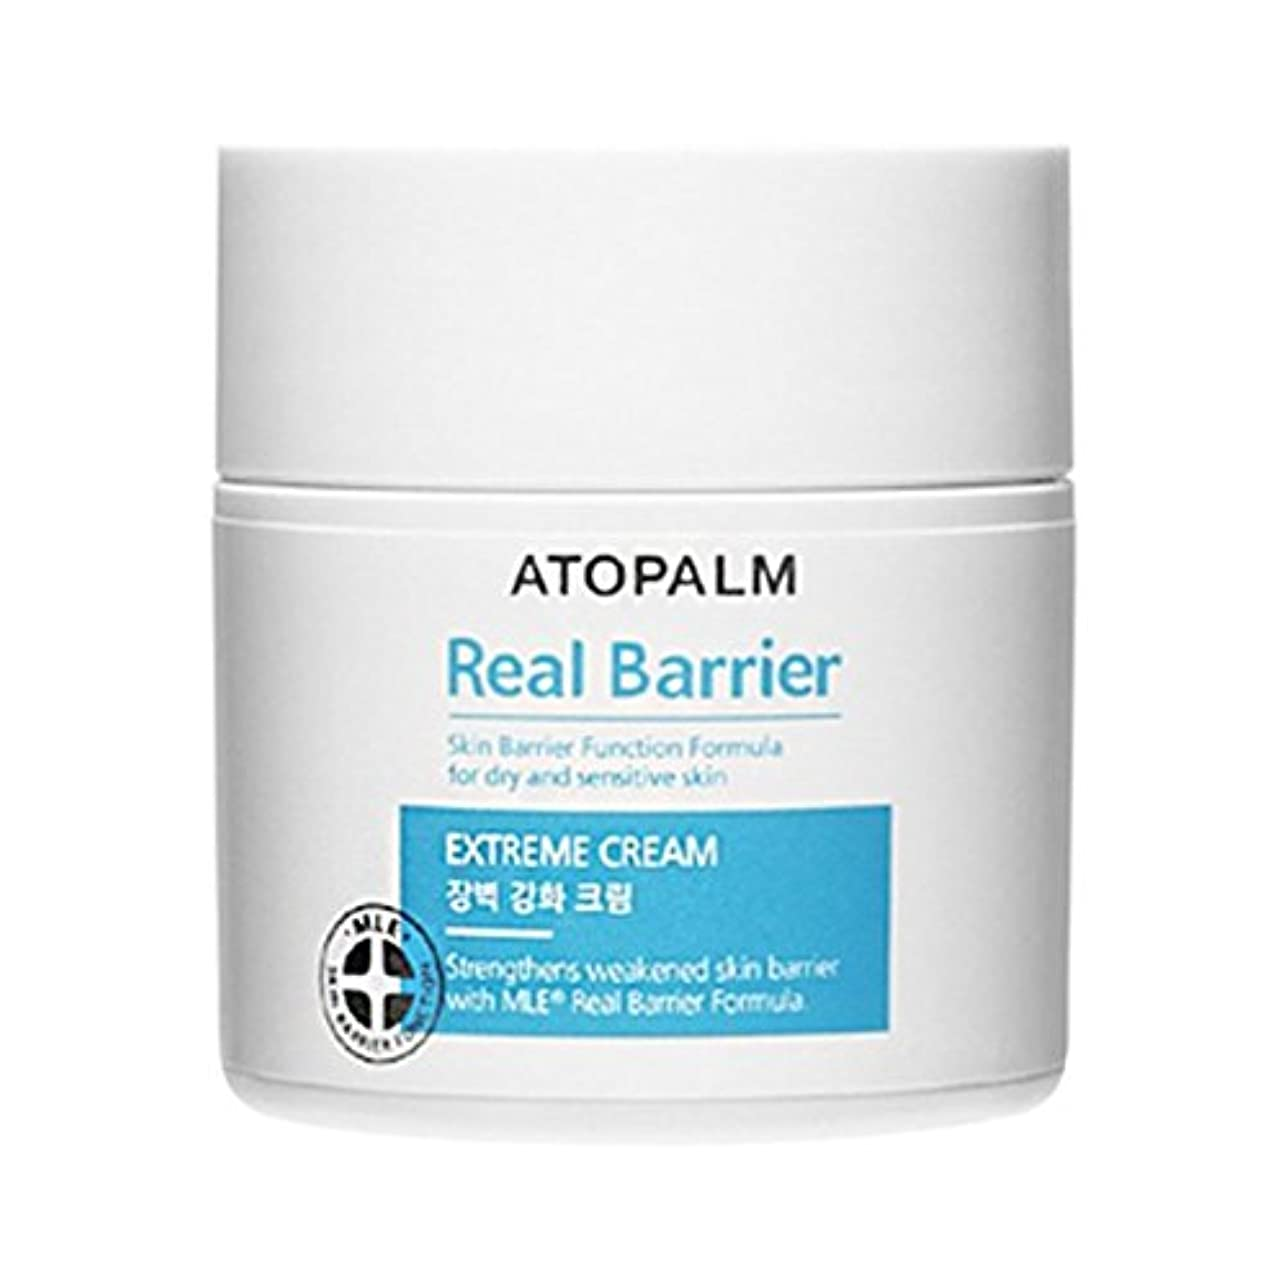 離れて救出光のアトファムリアルバリア?エクストリームクリーム50ml、韓国化粧品 ATOPALM Real Barrier Extream Cream 50ml, Korean Cosmetics [並行輸入品]